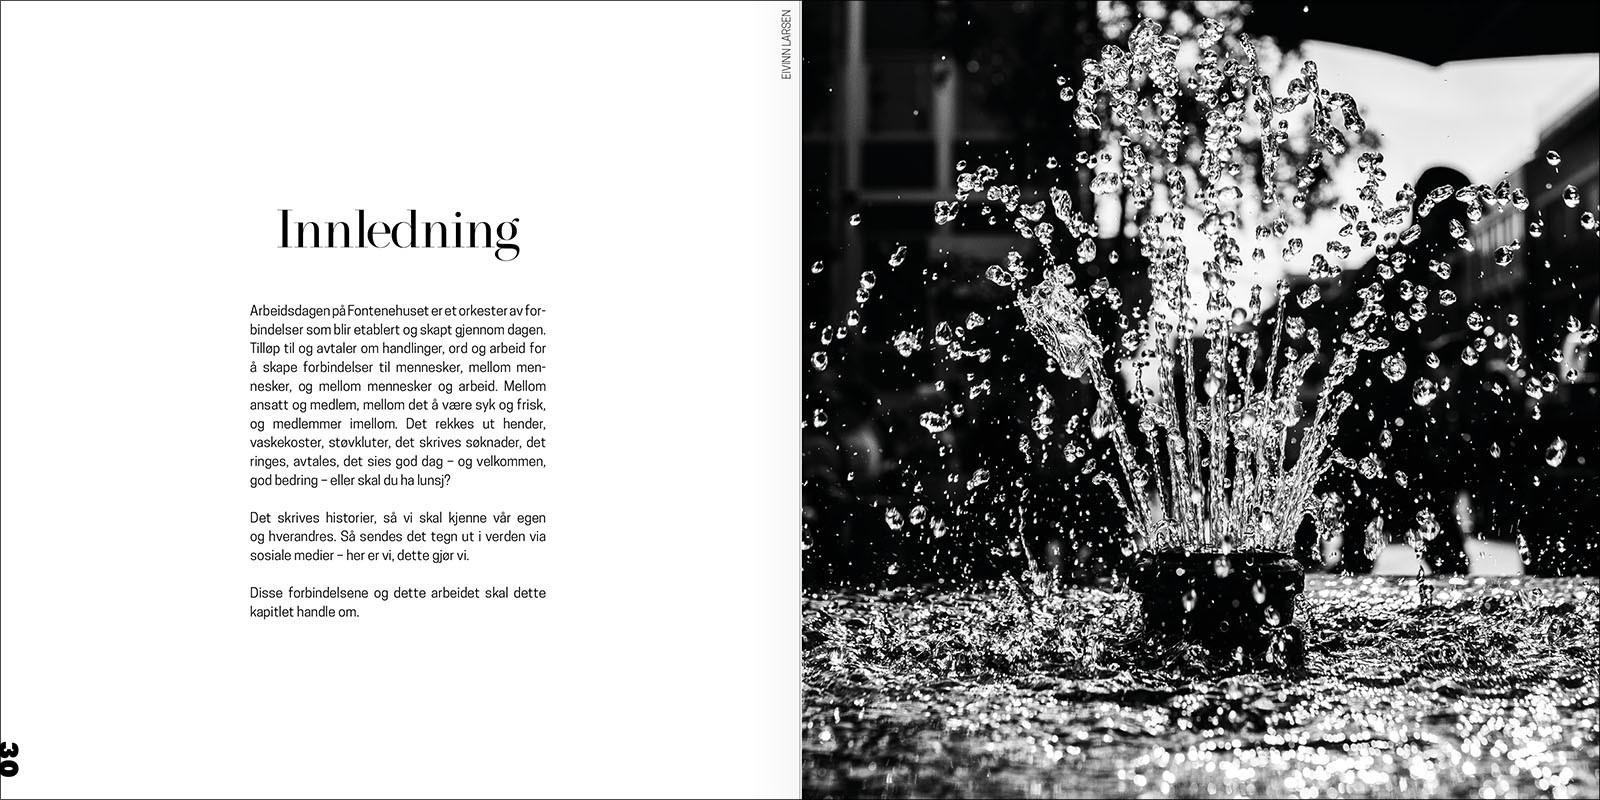 bokdesign-psyke-samfunnstemmer (15).jpg